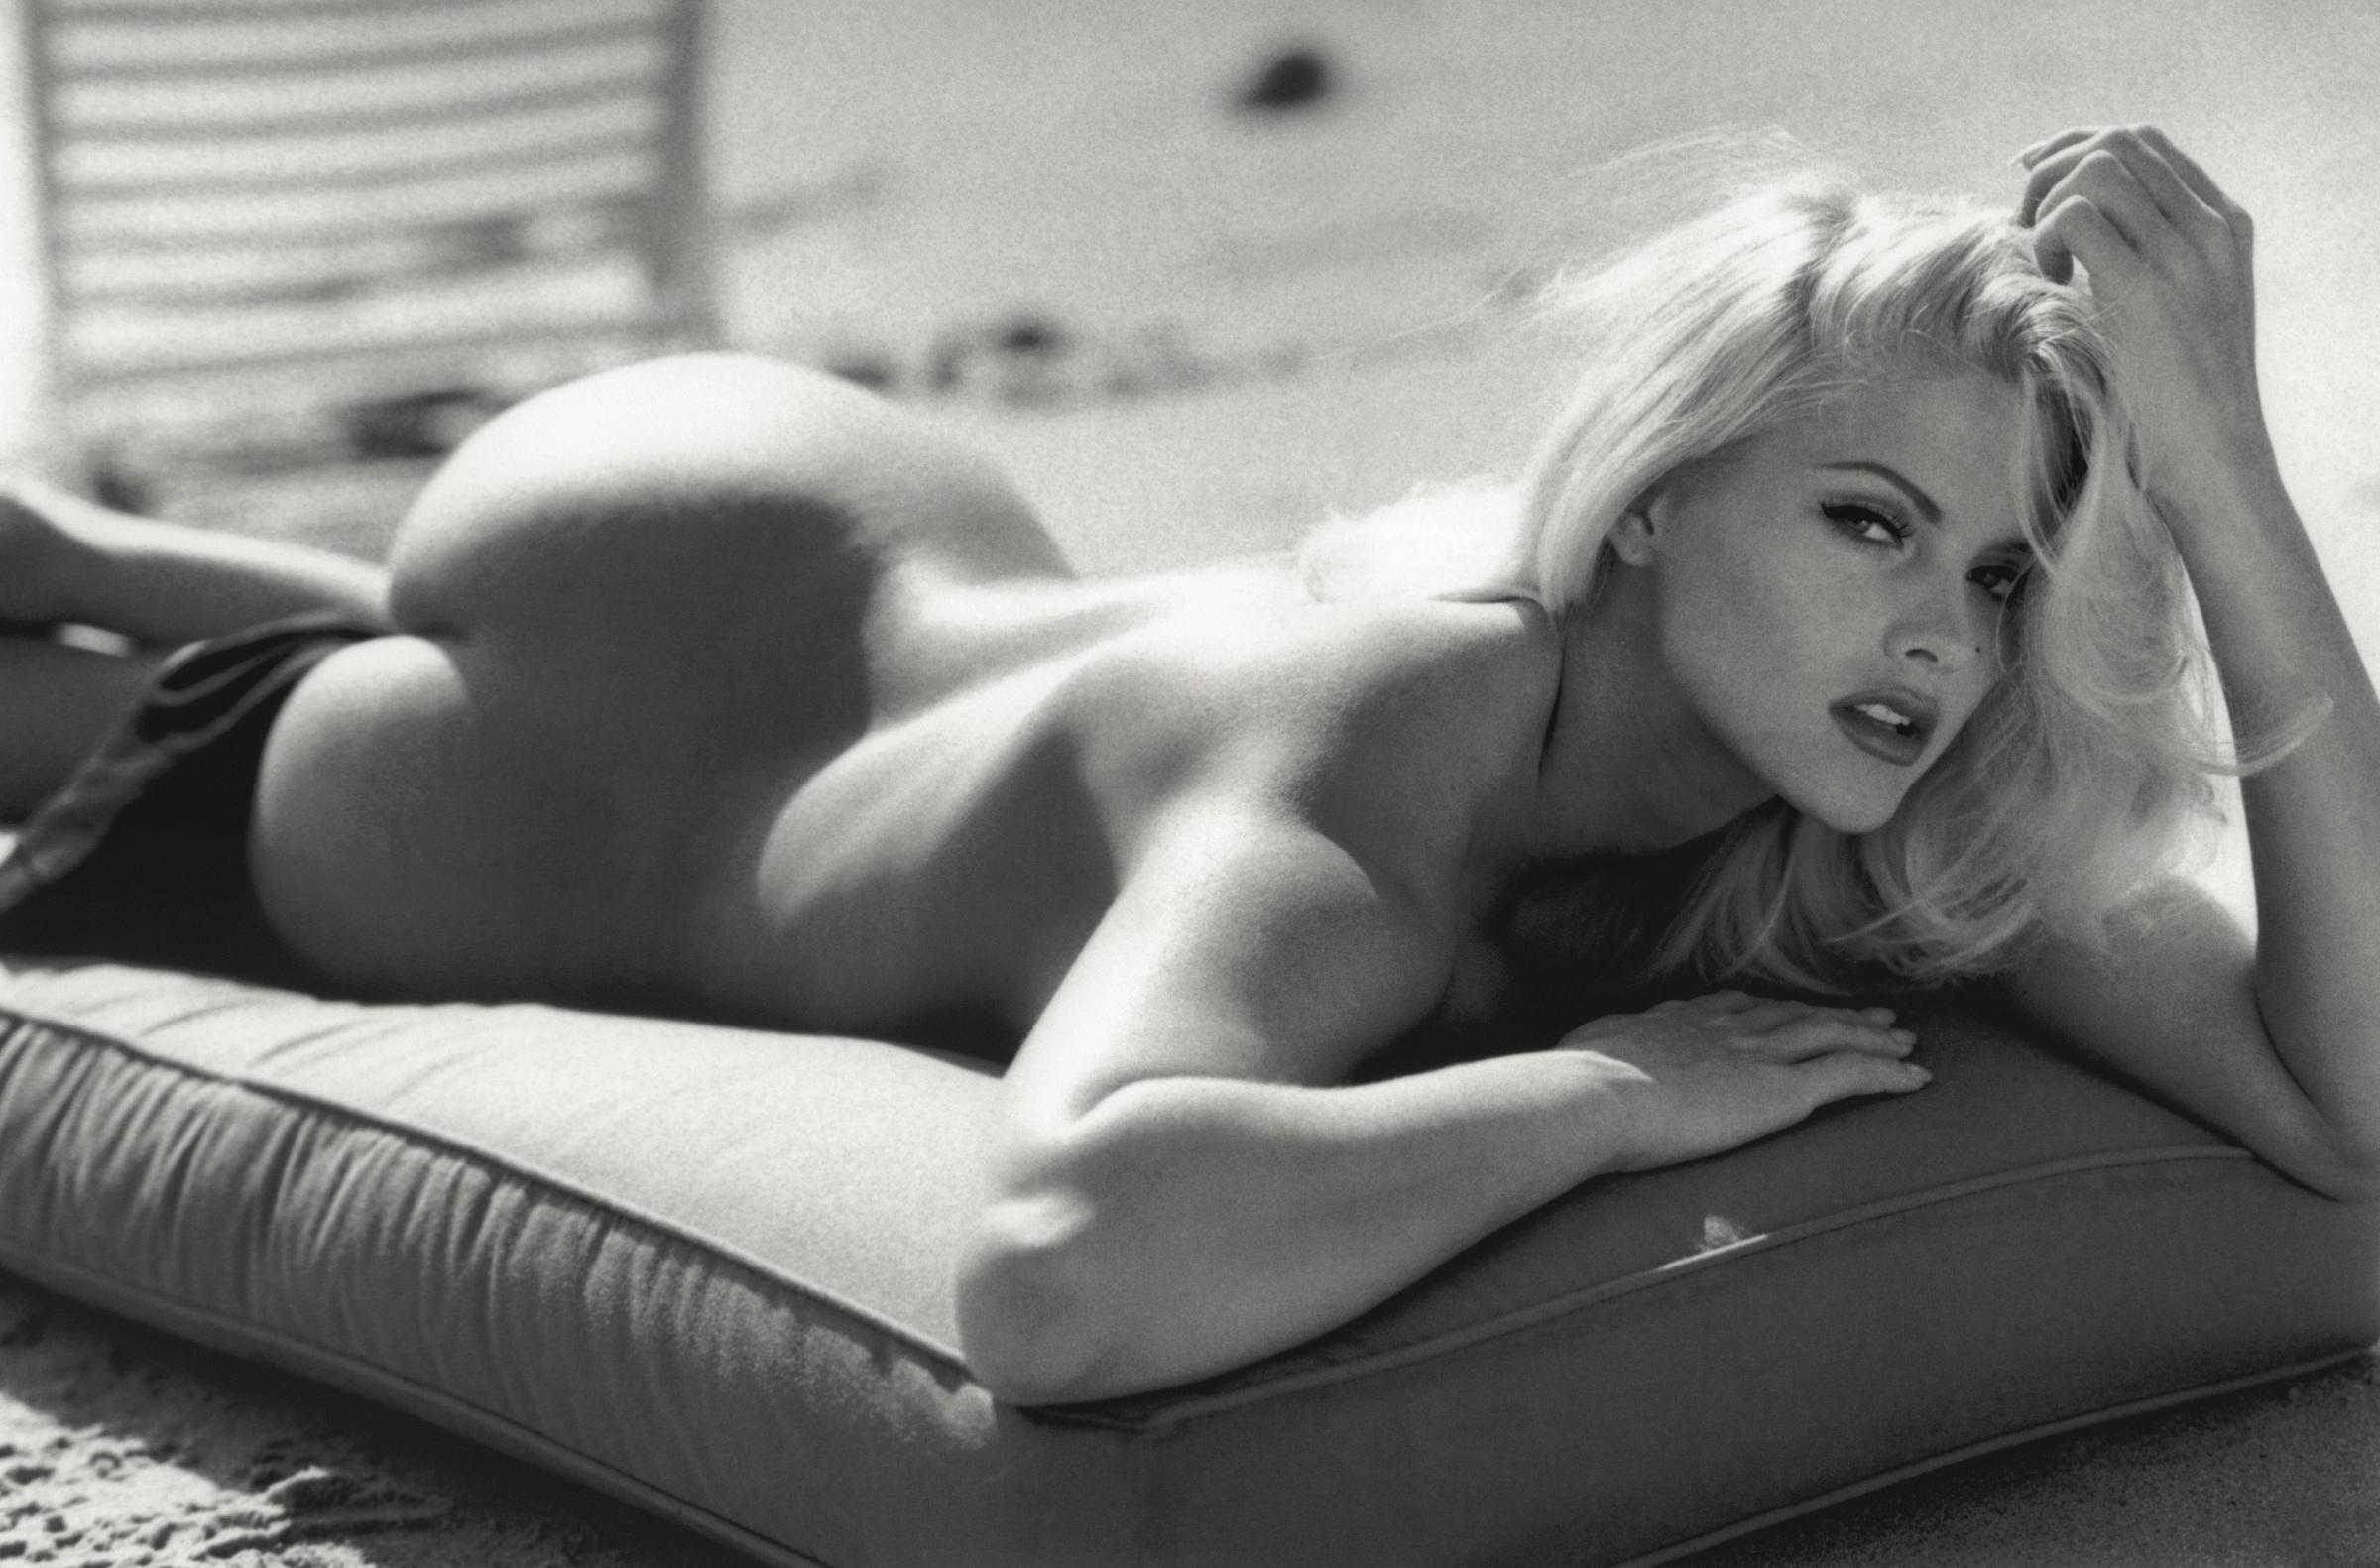 Анна Николь Смит, февраль 2001 года. Фотограф Даниэла Федеричи